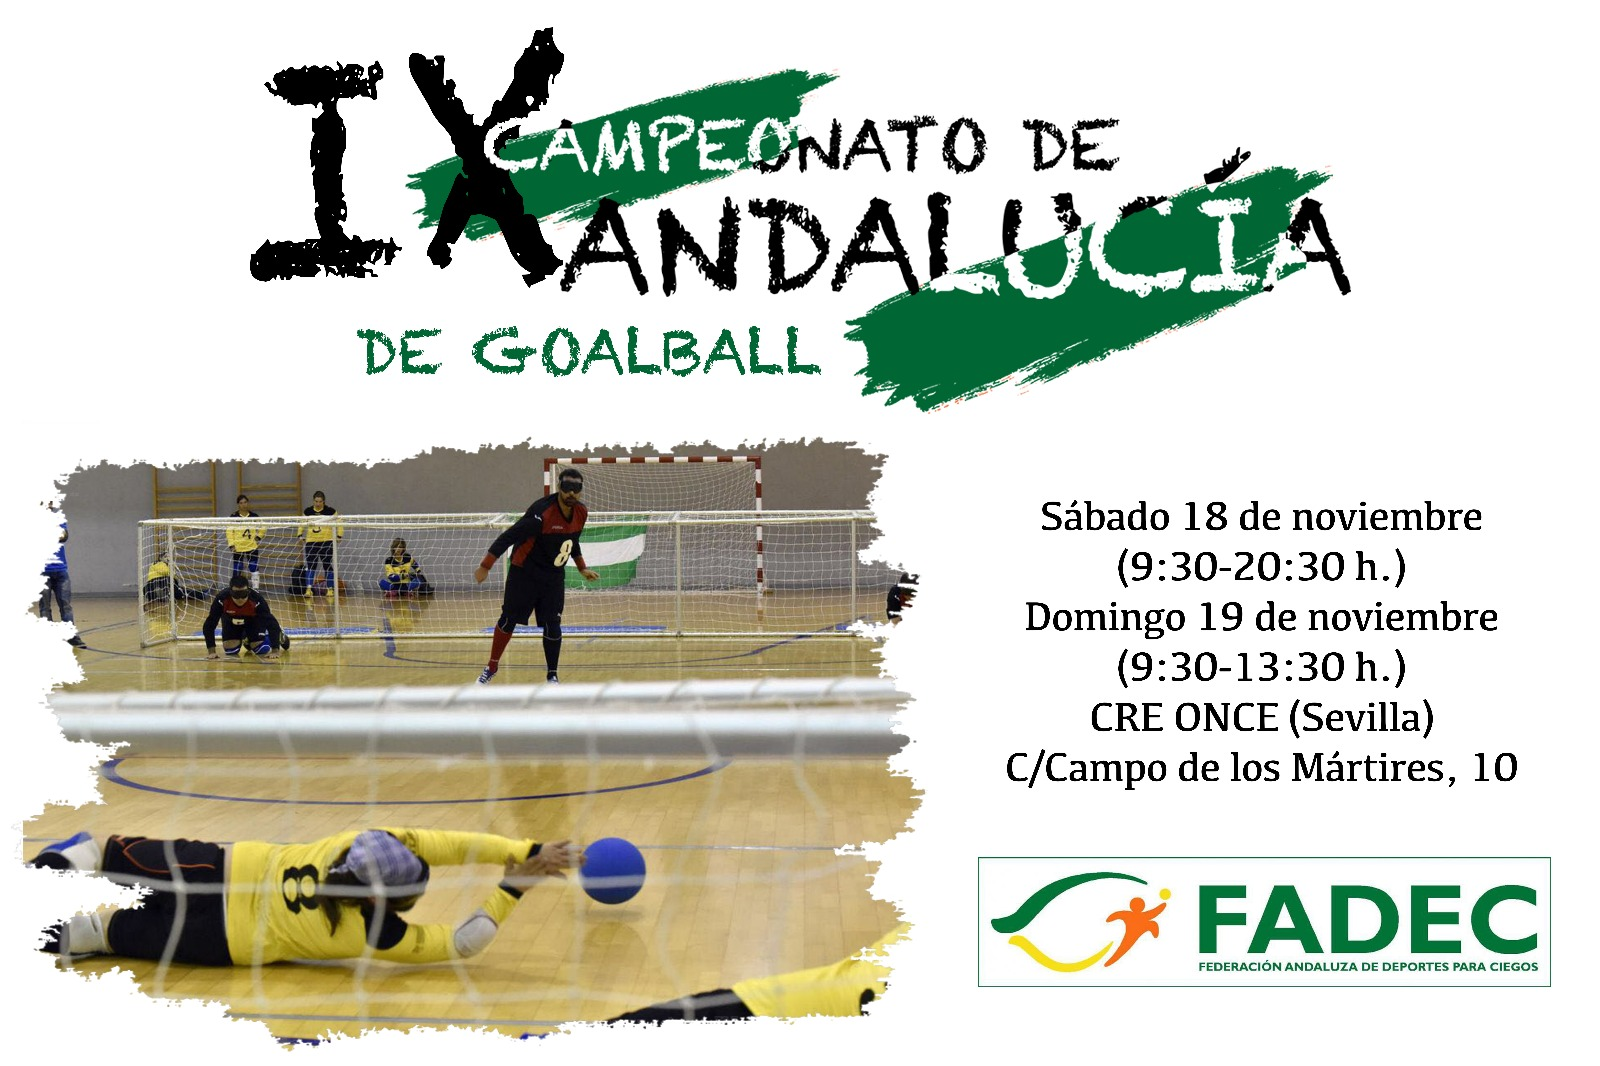 Cartel del IX Campeonato de Goalball de Andalucía